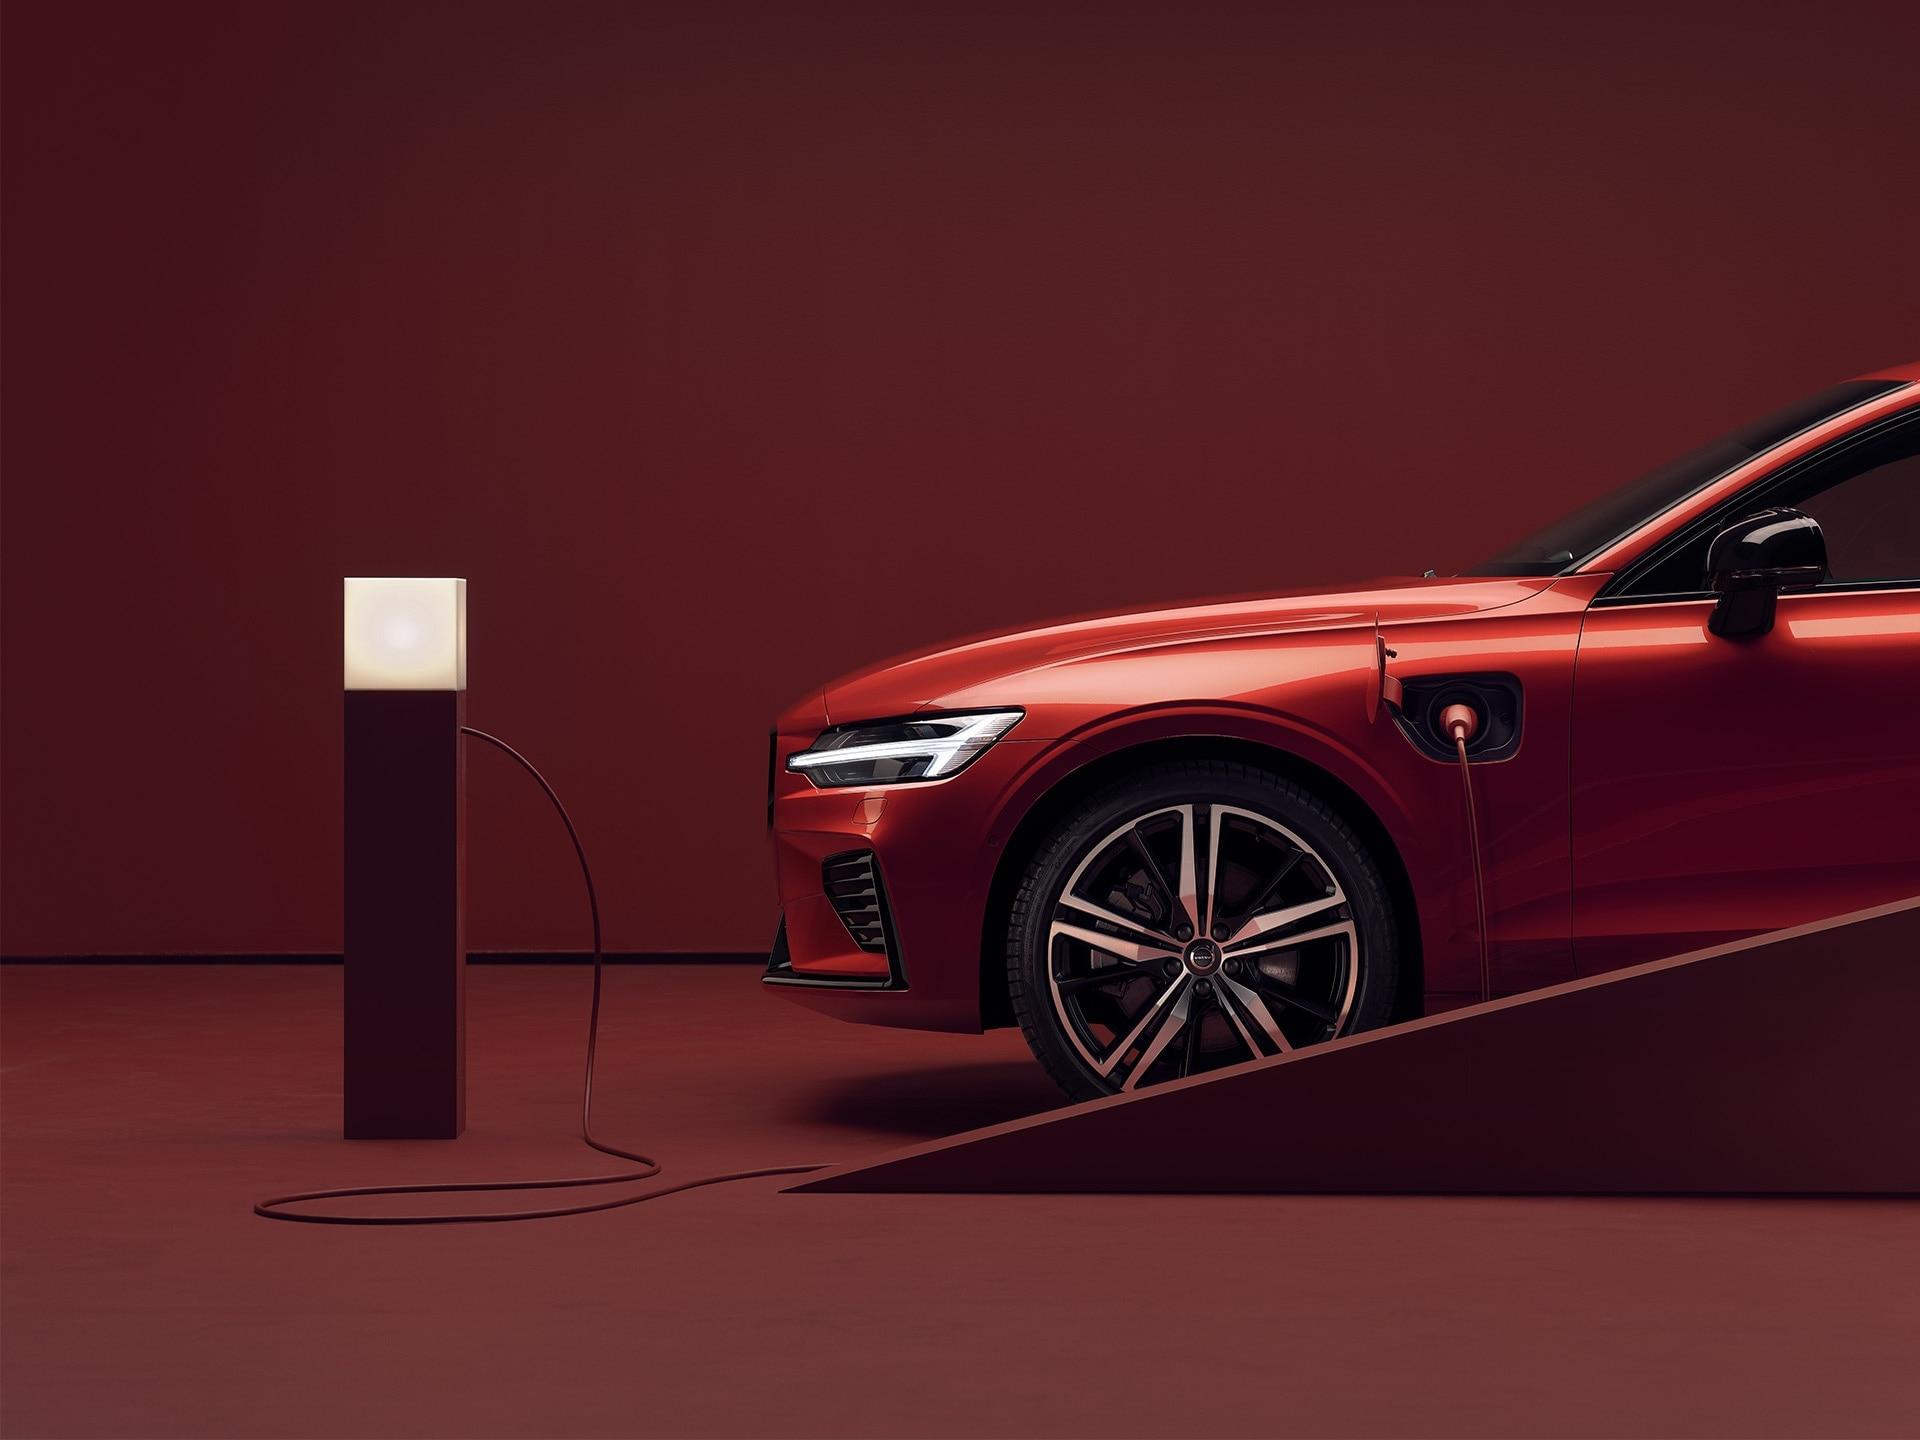 Berline Volvo rouge en stationnement branchée sur une borne de recharge